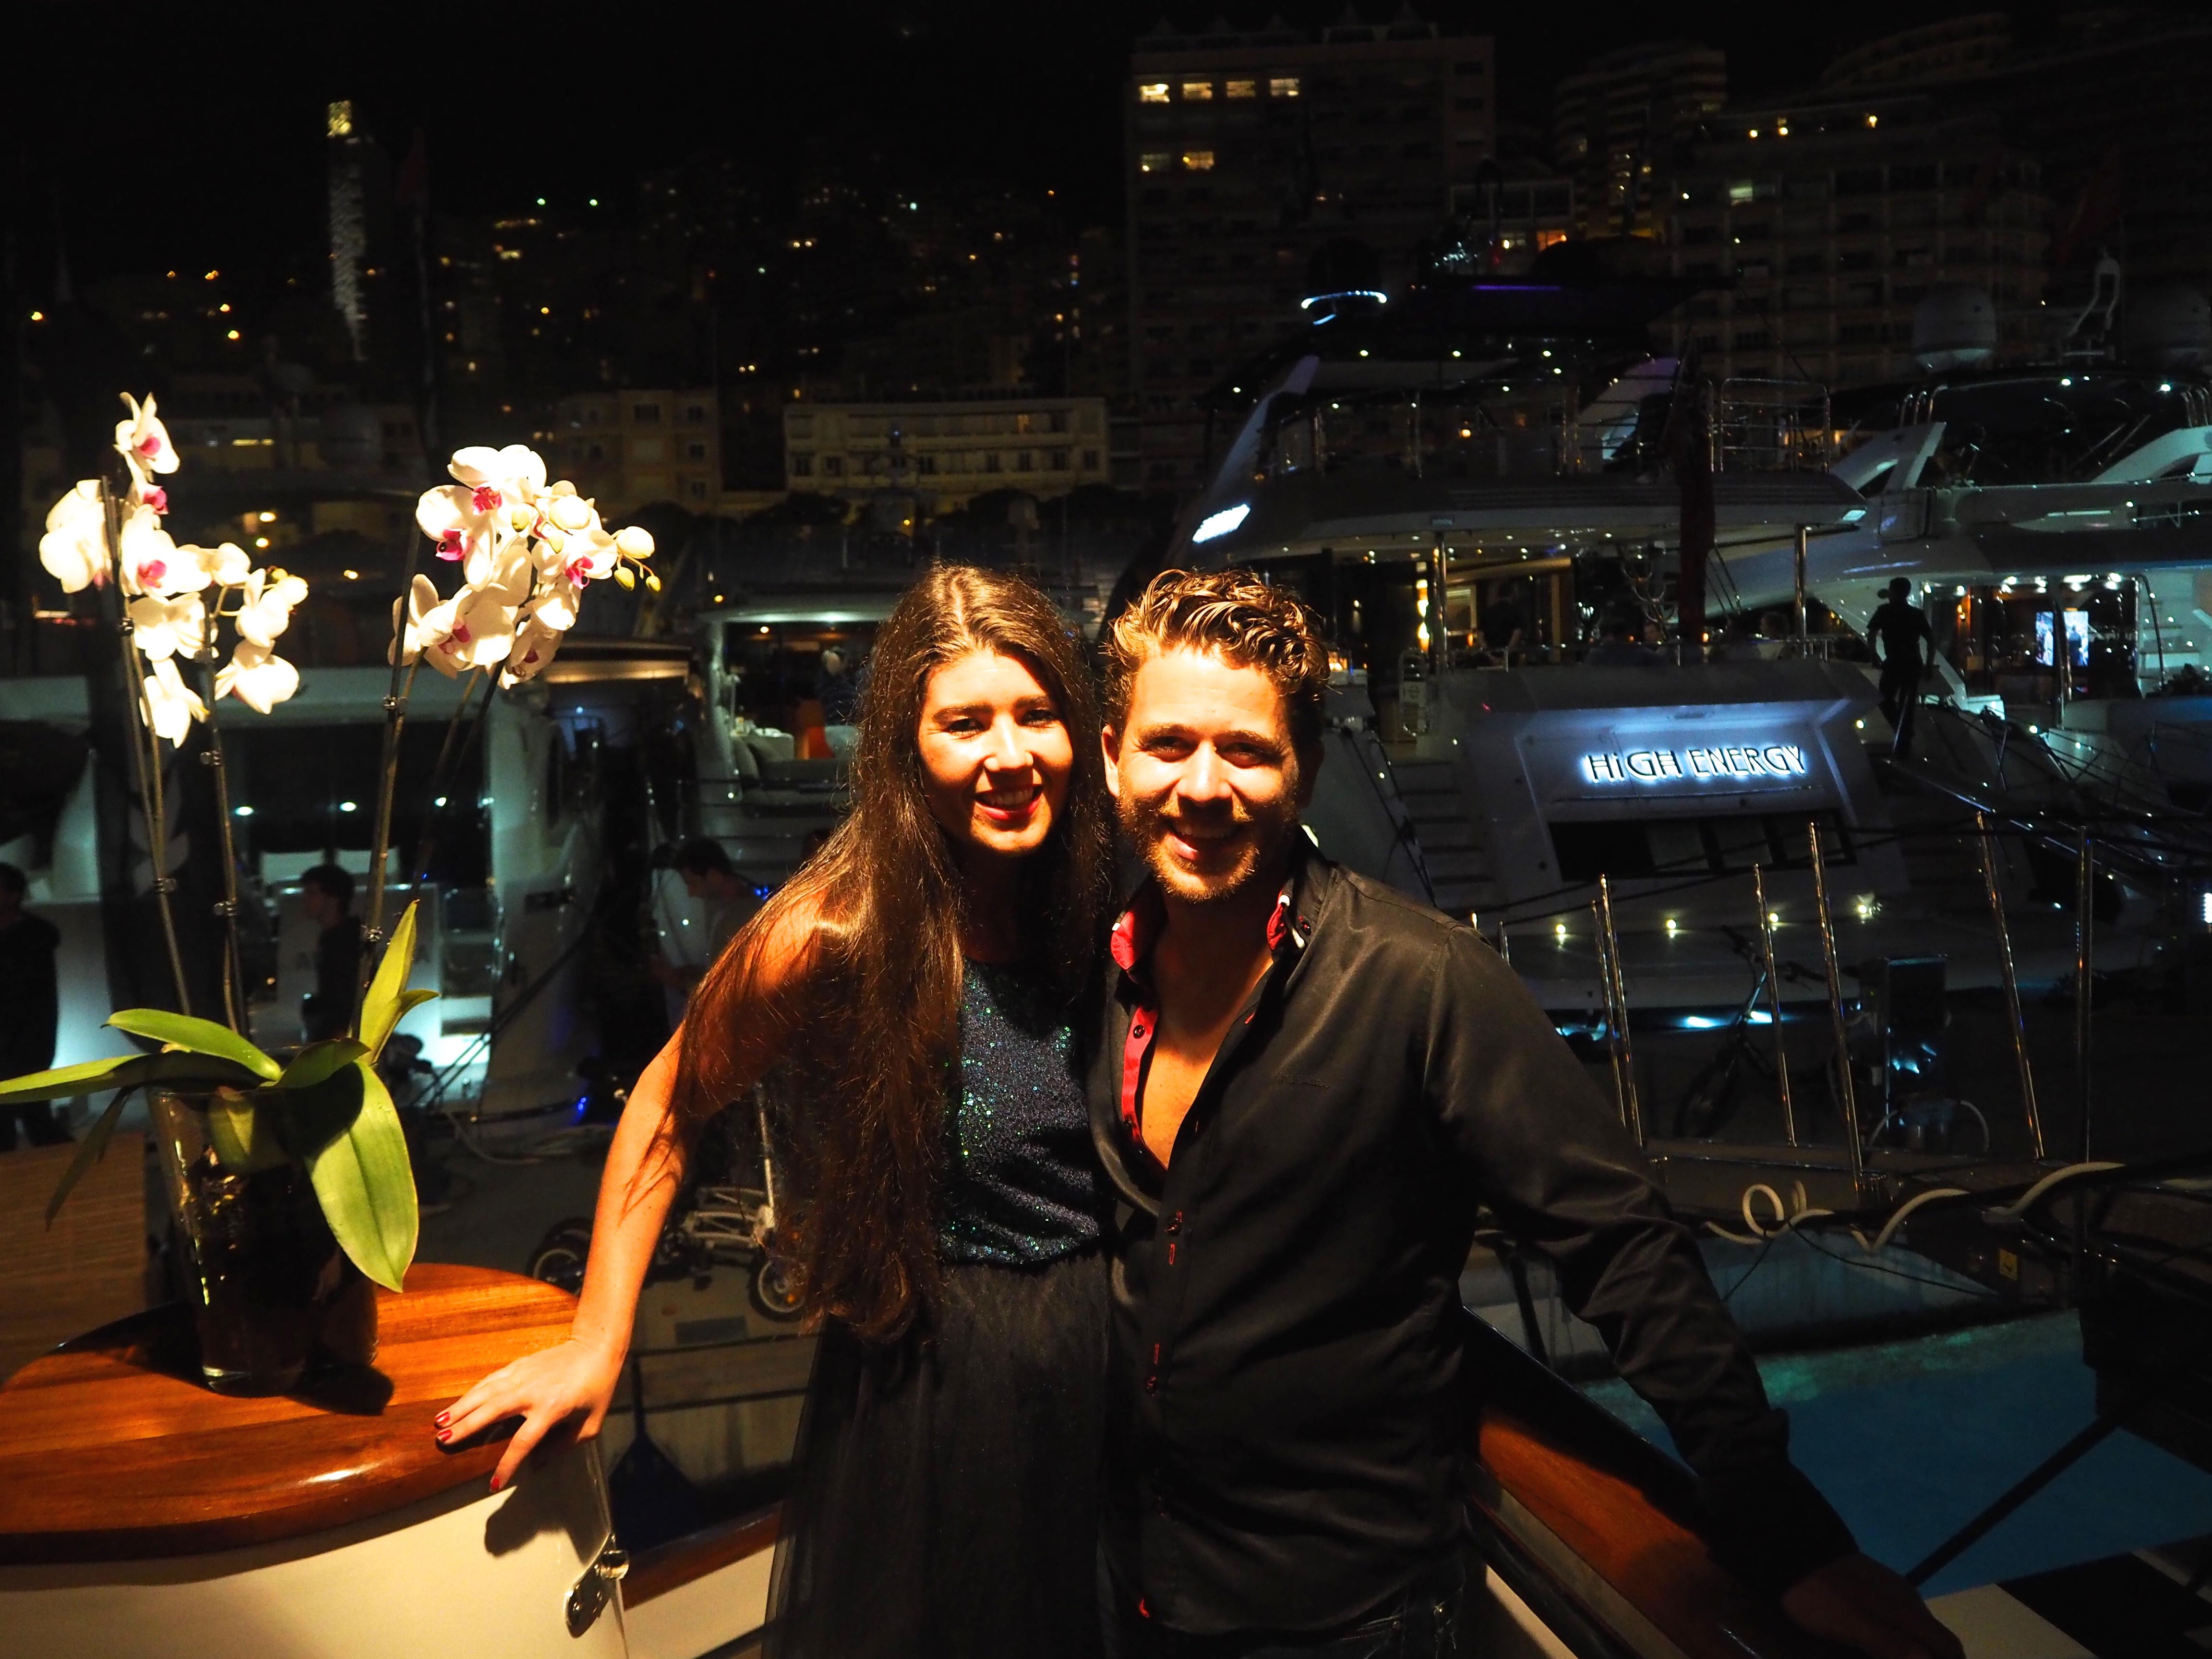 GP Management Grand Prix de Monaco party Superfun yacht Monaco together with Jonny Dodge